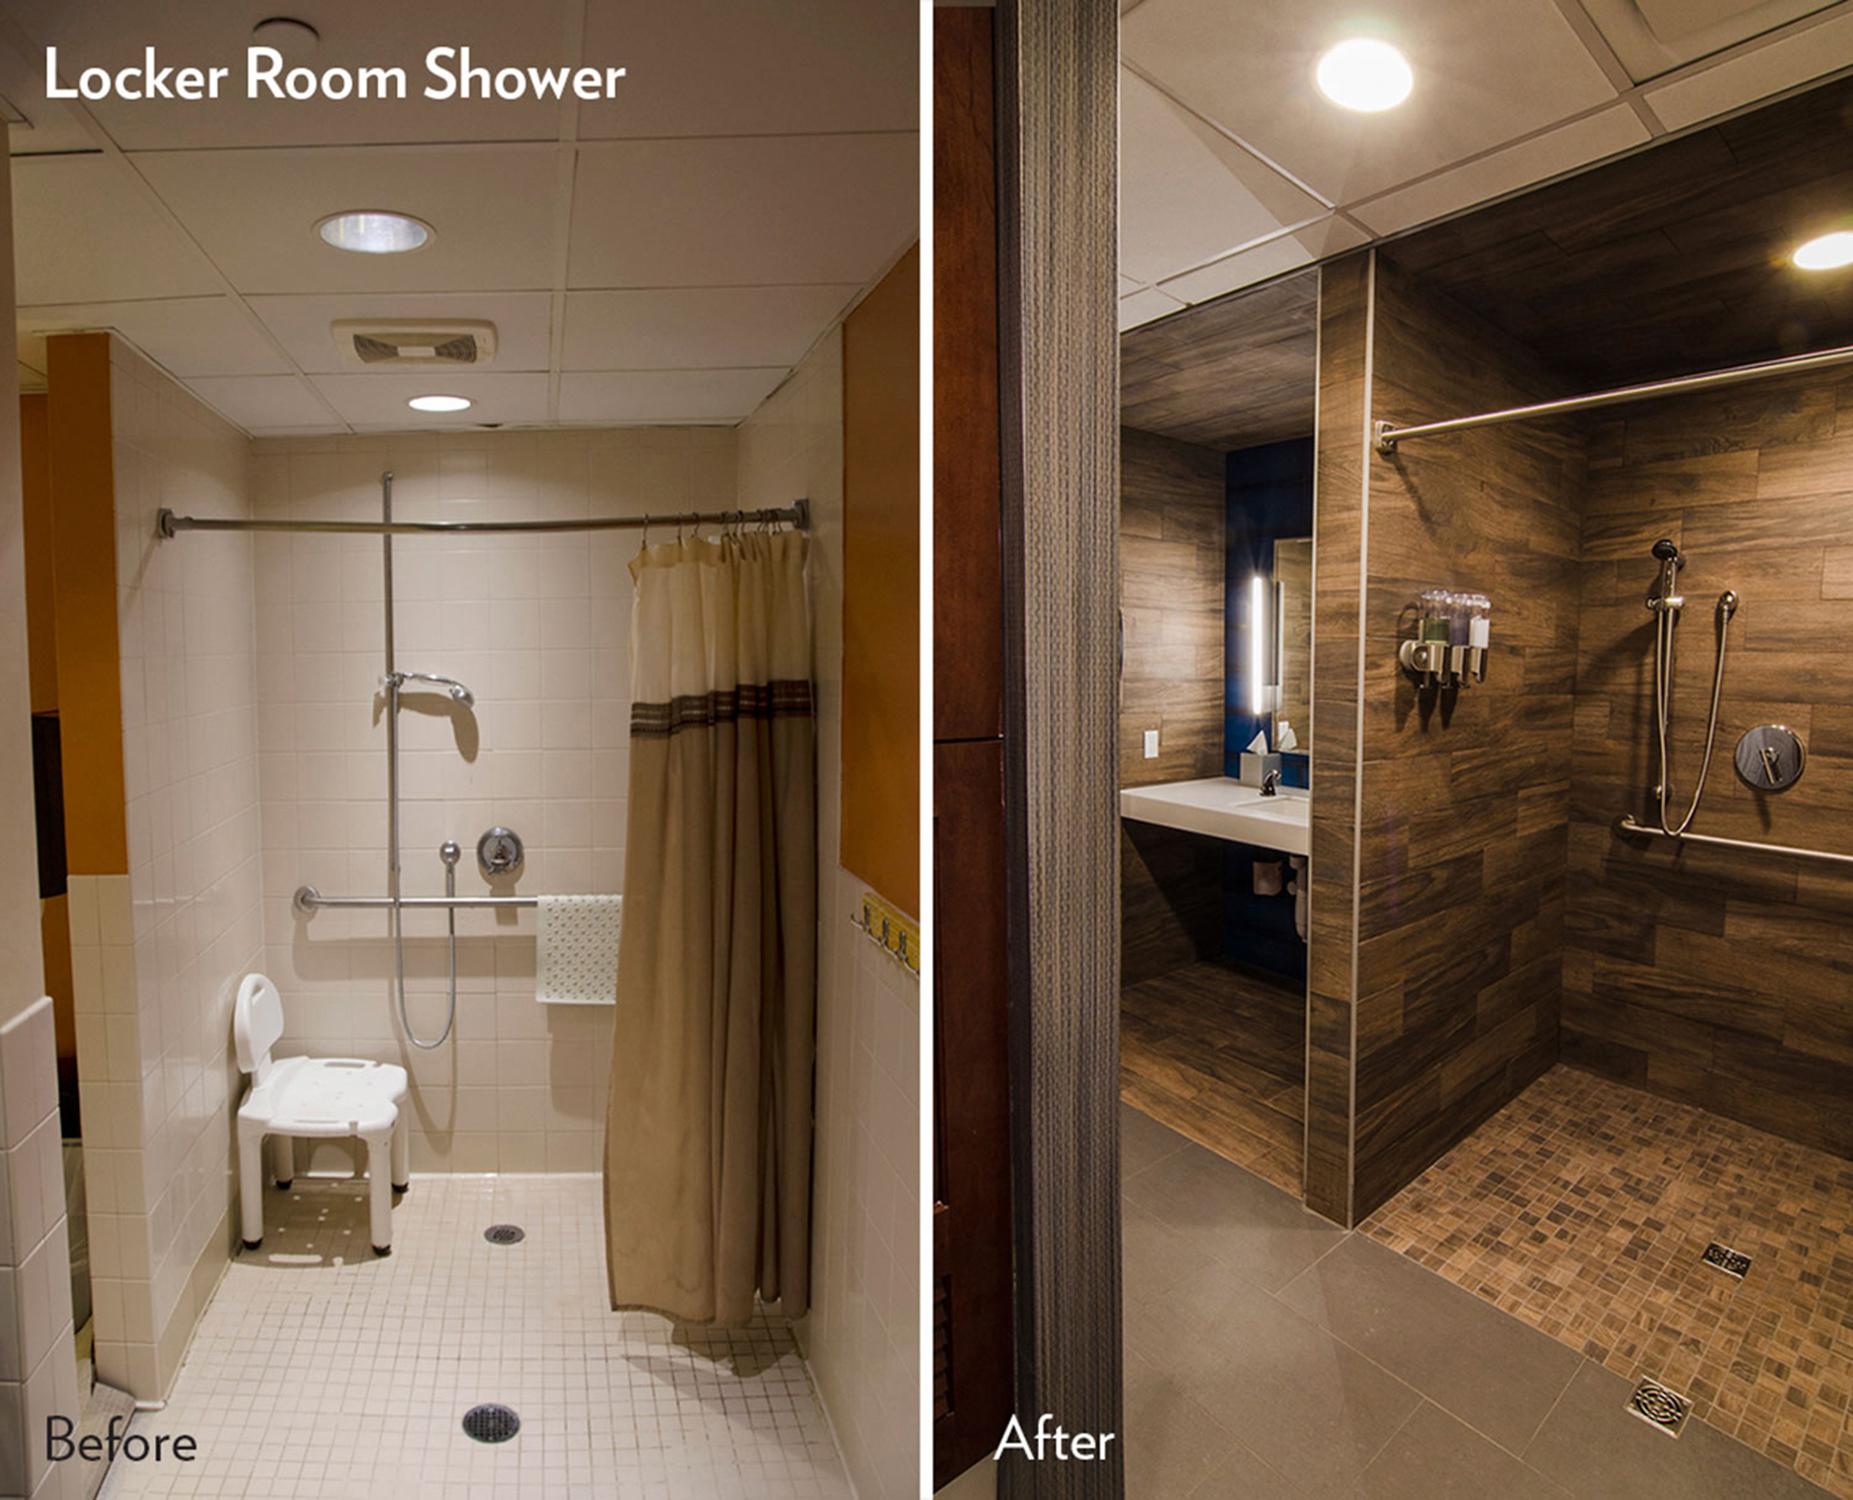 Marriott-Locker-Room-Shower.jpg